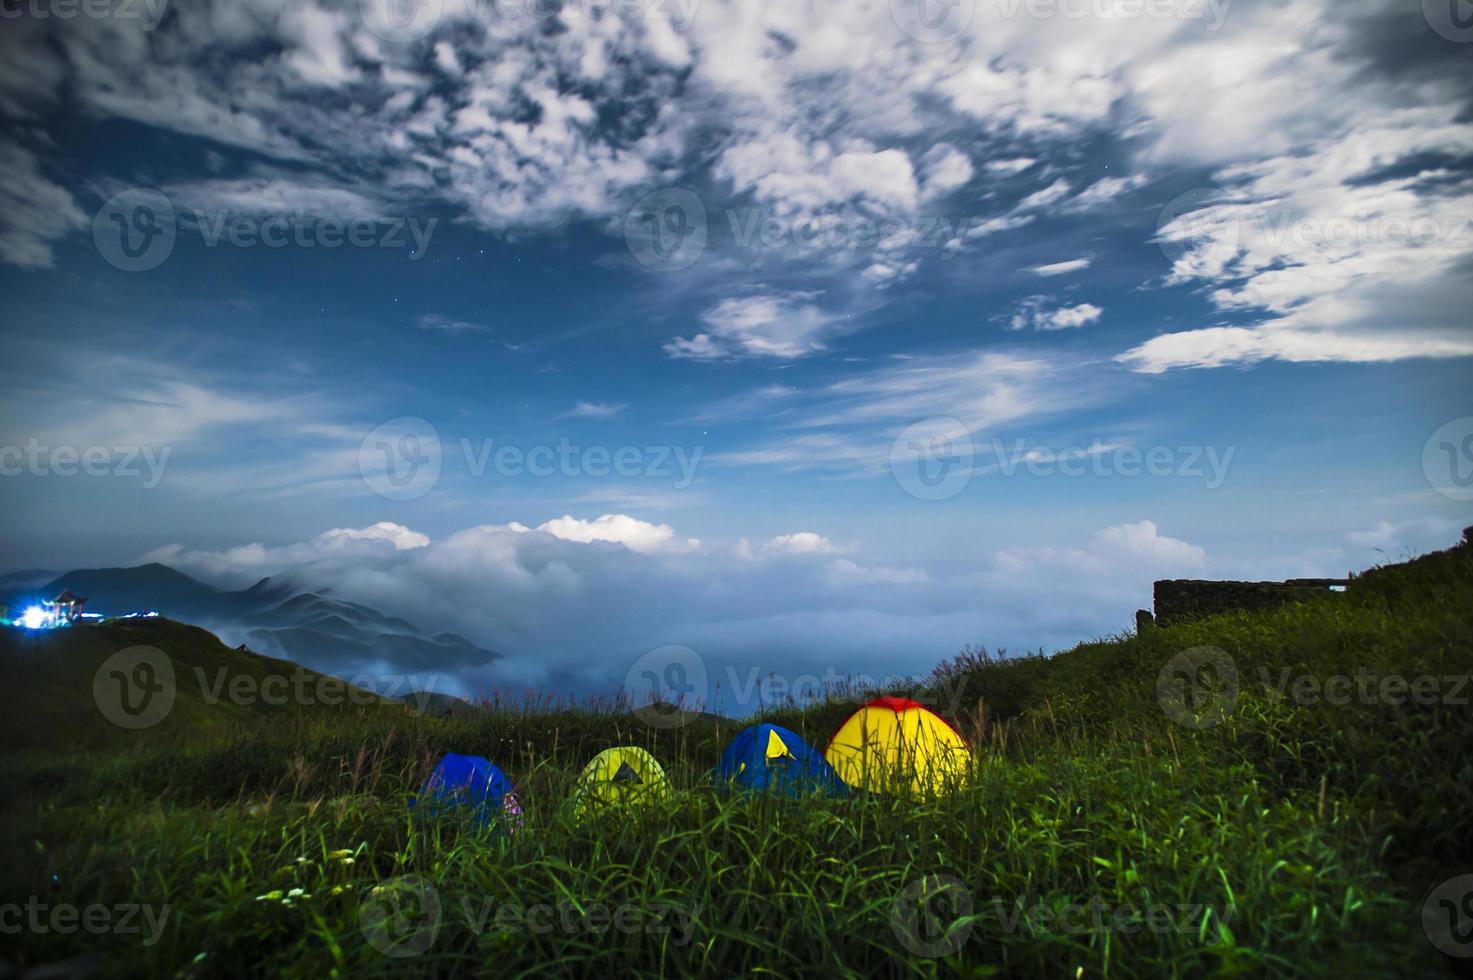 campeggio, tenda, montagna, escursioni, foto